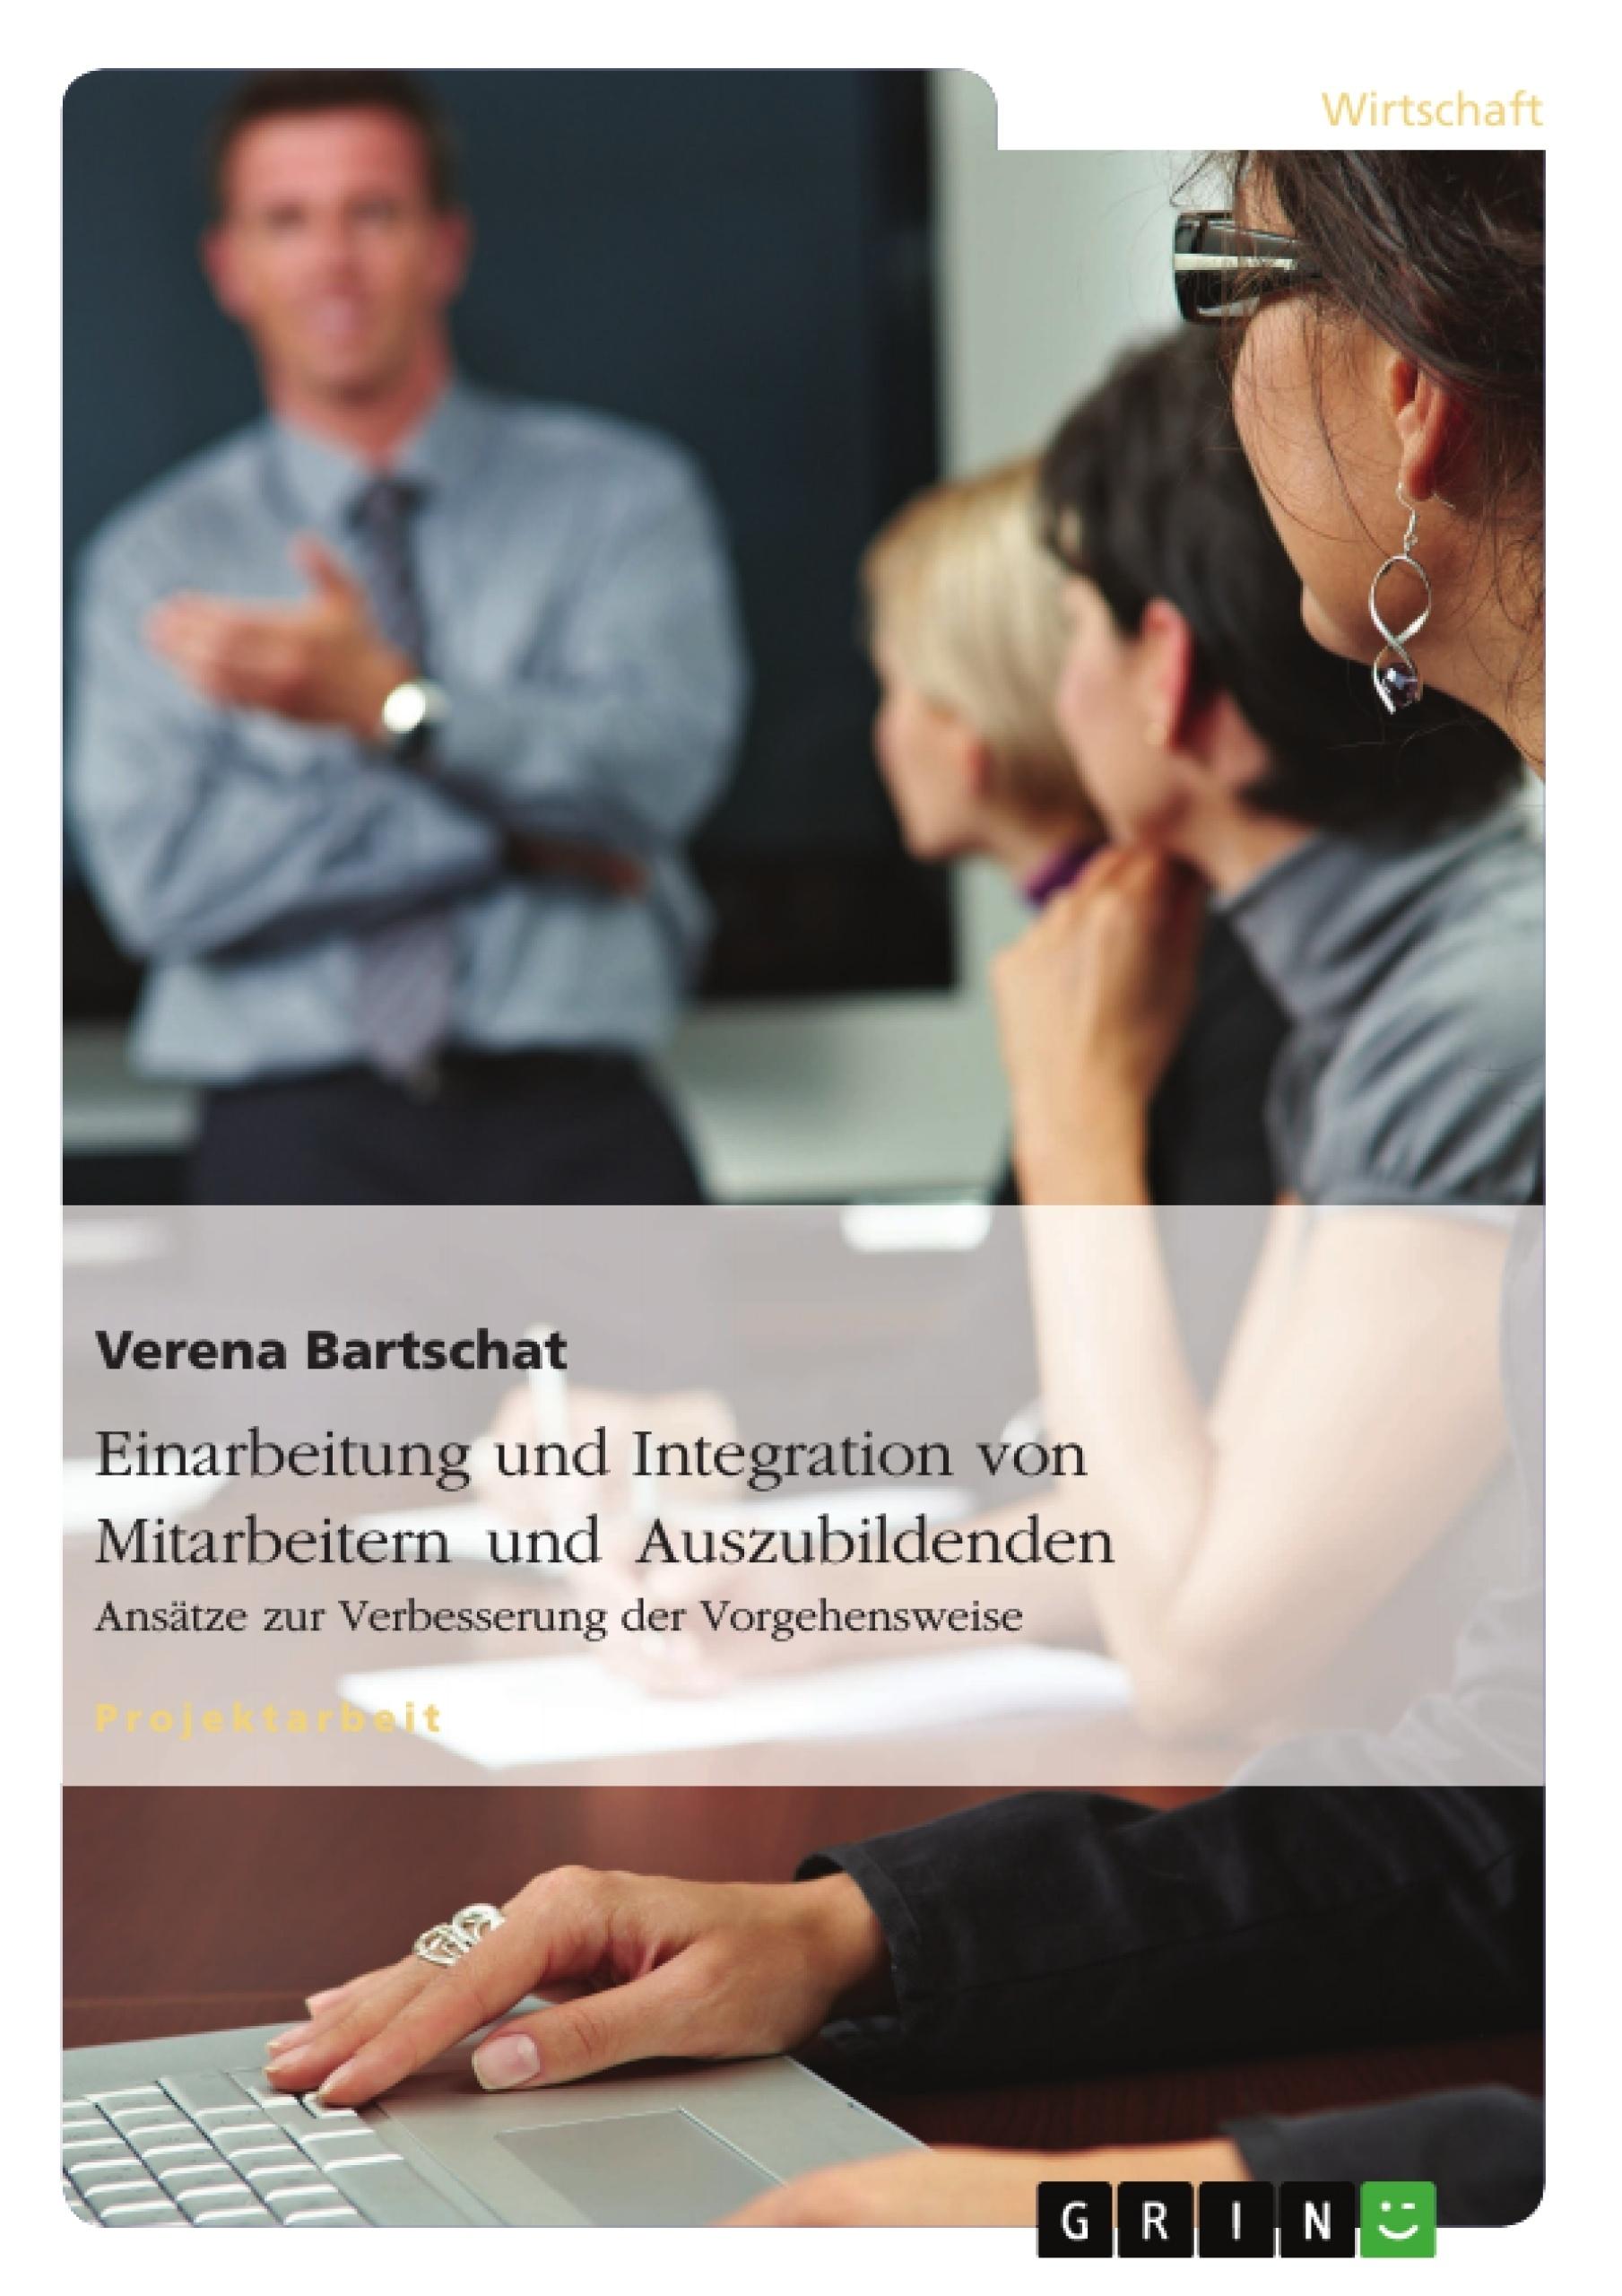 Titel: Einarbeitung und Integration von Mitarbeitern und Auszubildenden